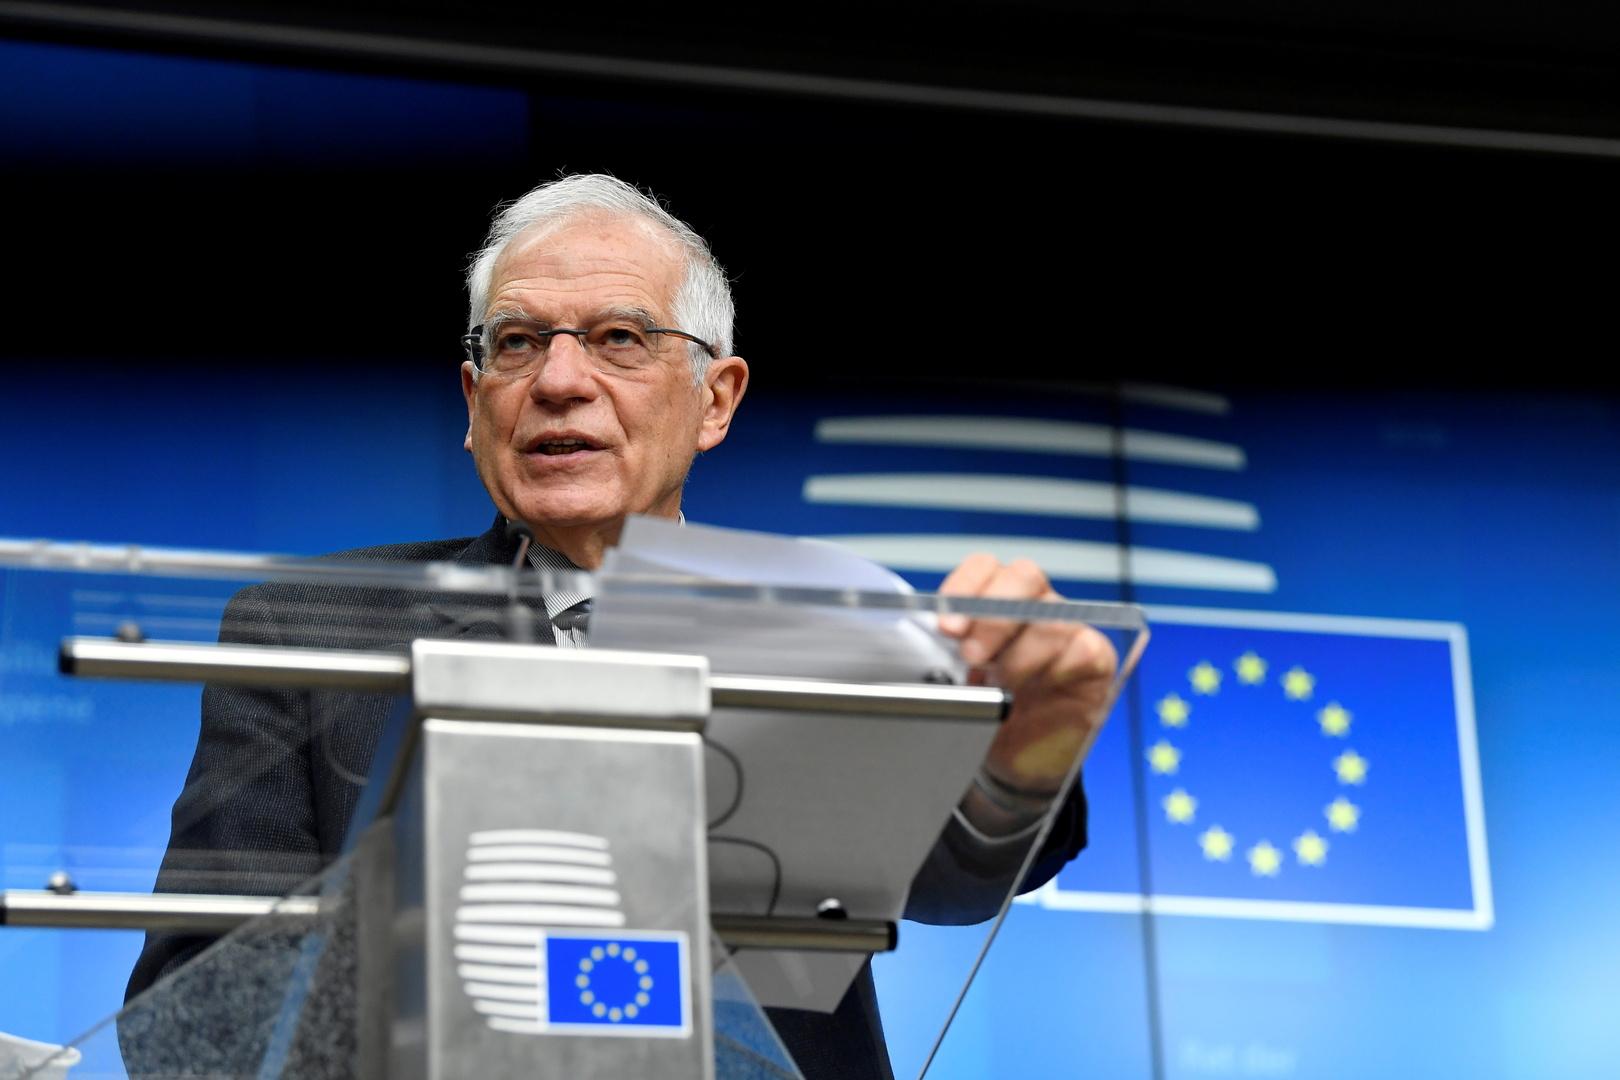 مفوض الاتحاد الأوروبي السامي للشؤون الخارجية والسياسة الأمنية، جوزيب بوريل.